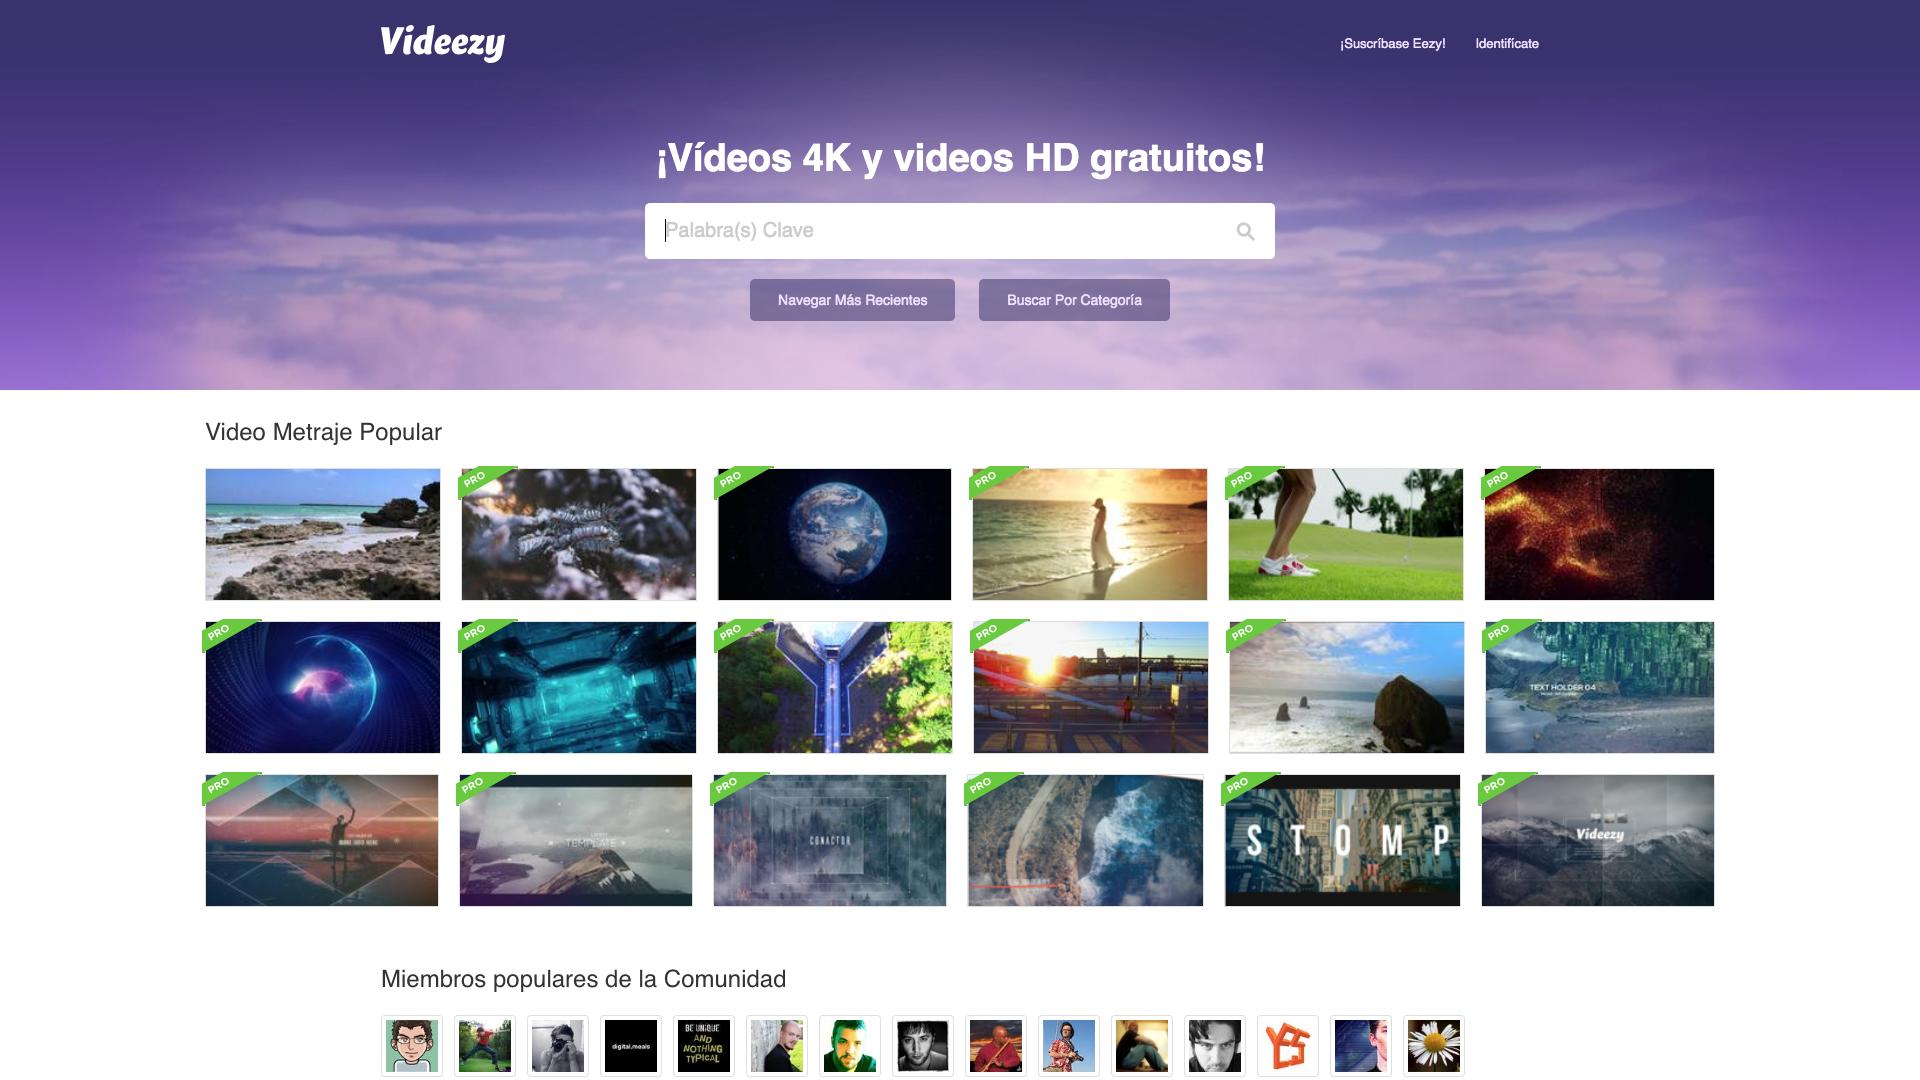 Videezy - 9 Bancos de videos gratuitos para tus proyectos